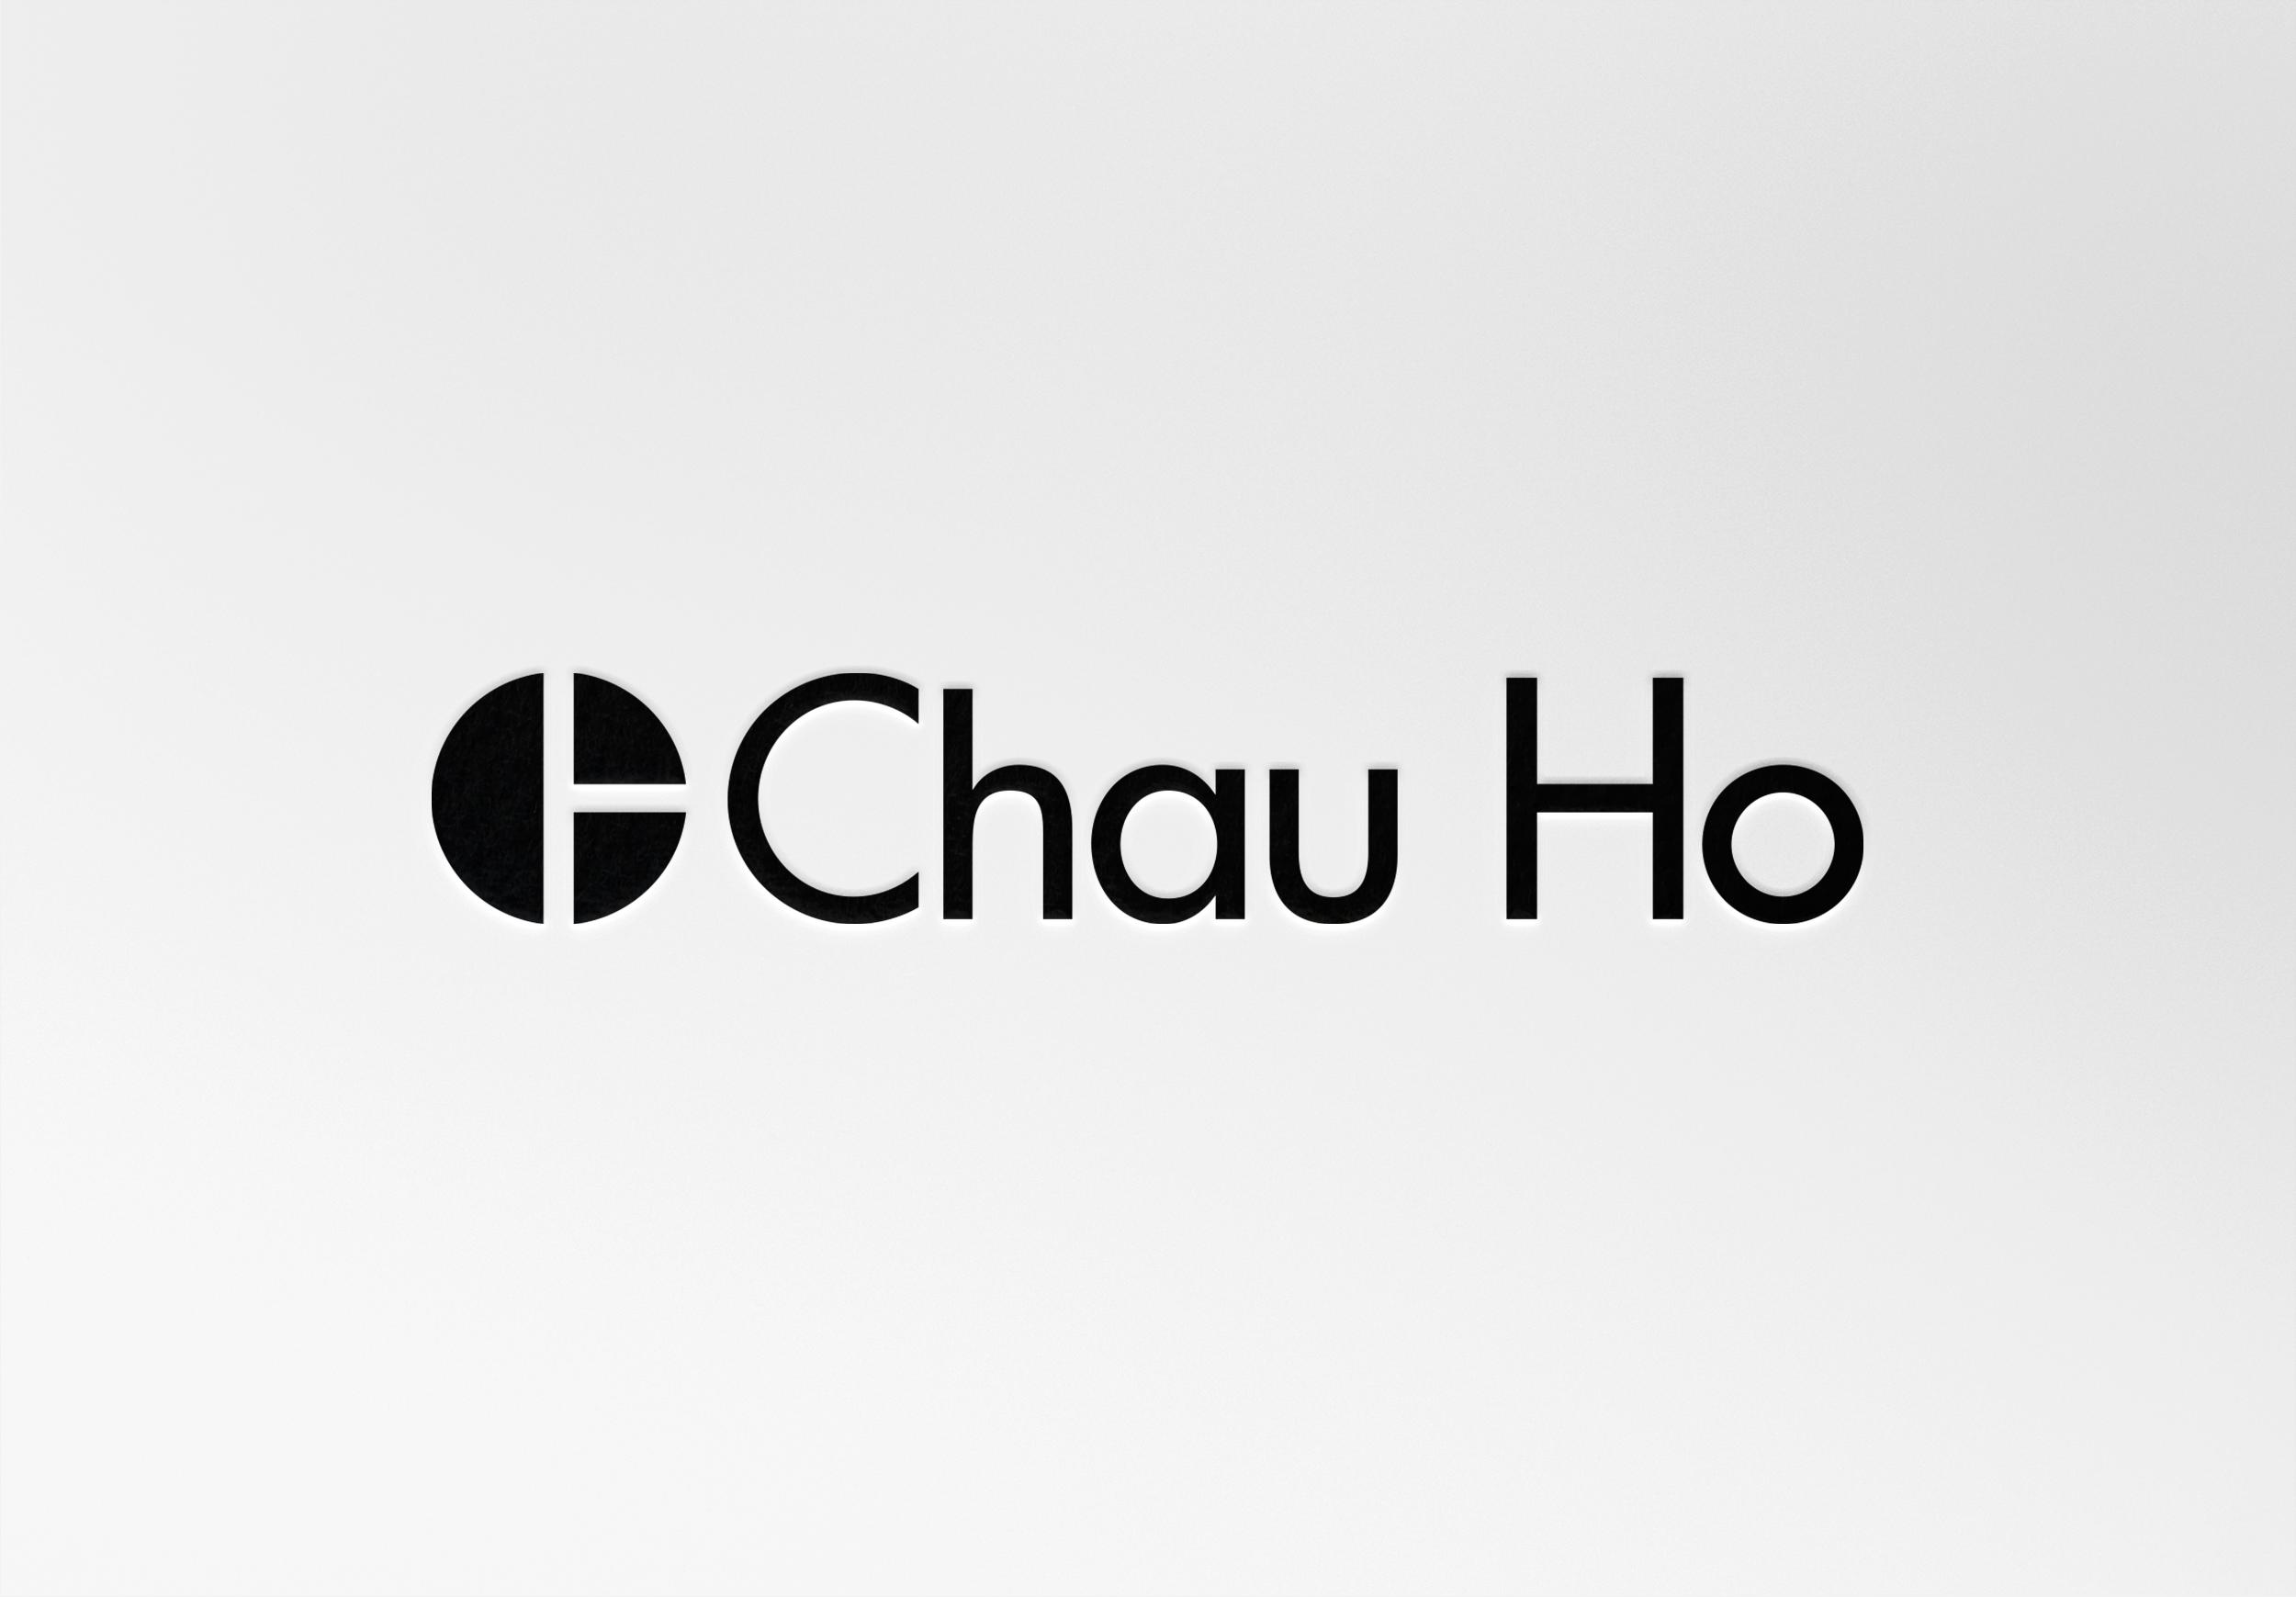 1-chau_ho_mark.png